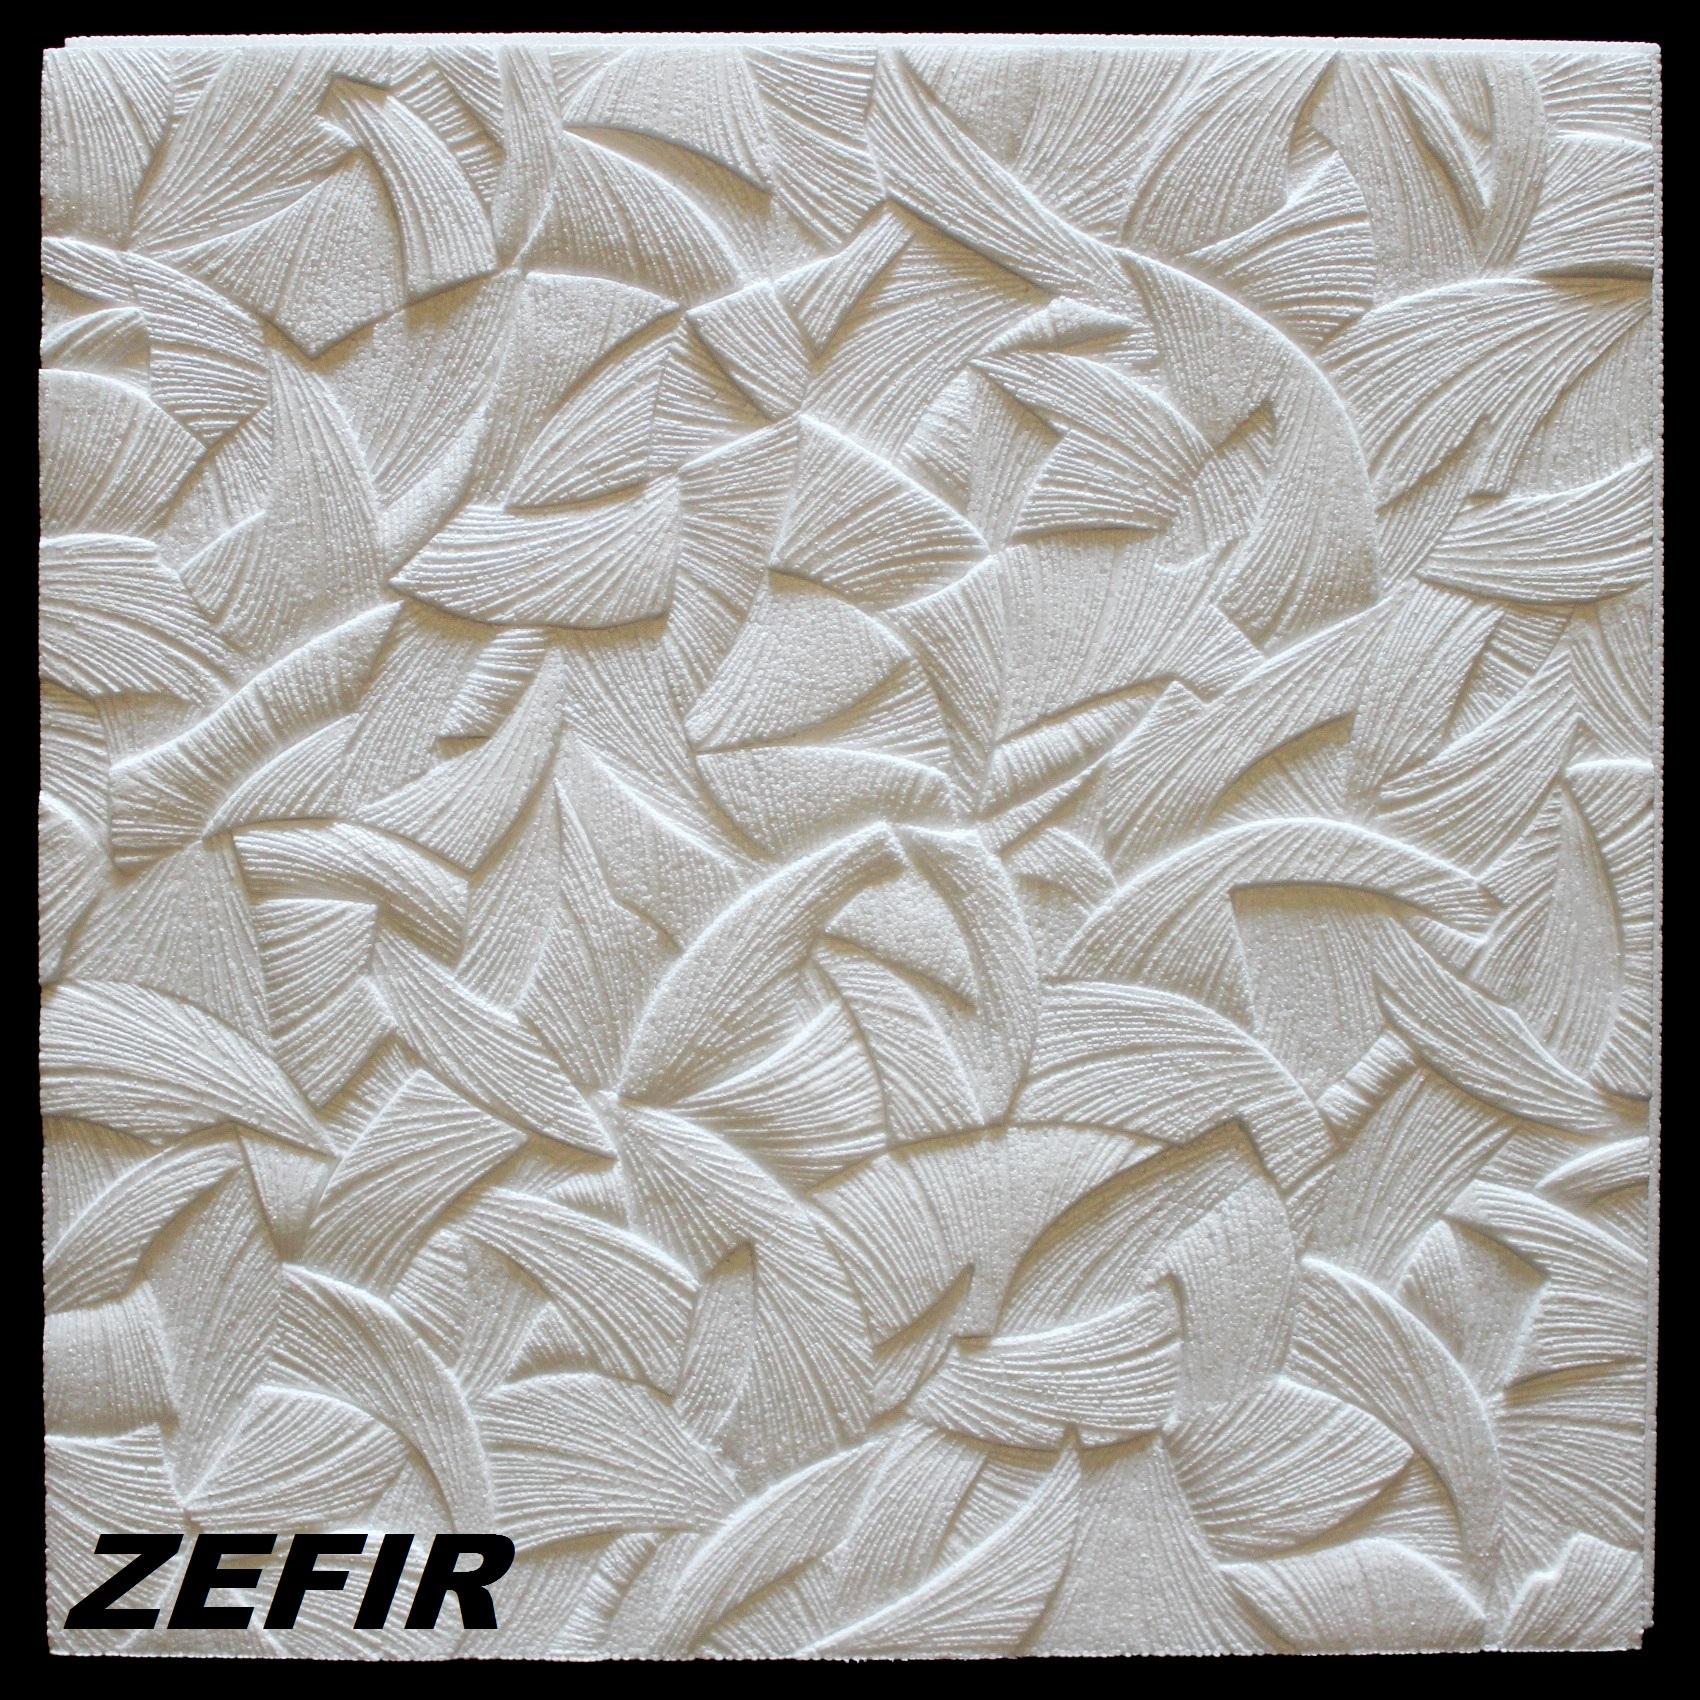 wallpaper on ceiling tiles